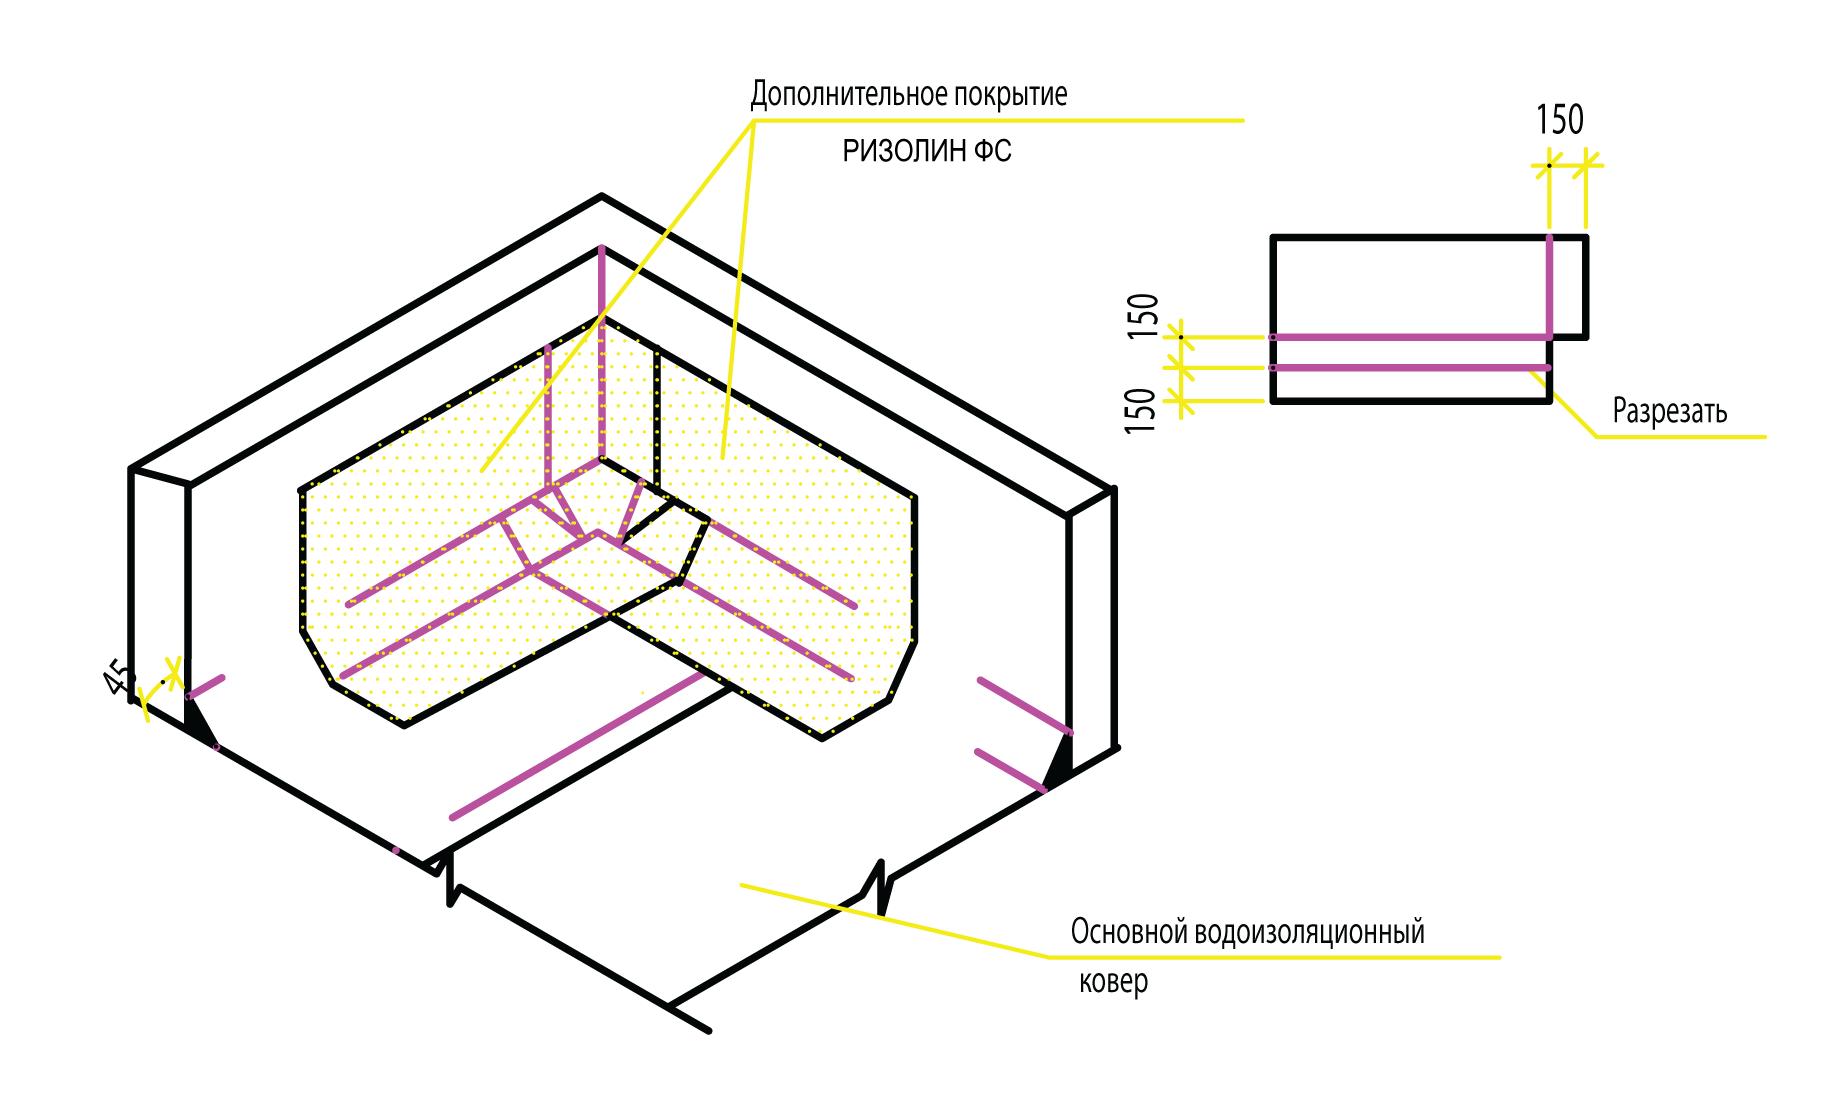 Руководство по устройству и ремонту мягкой кровли из самоклеящегося рулонного гидроизоляционного и кровельного материала «Ризолин» - фото 6